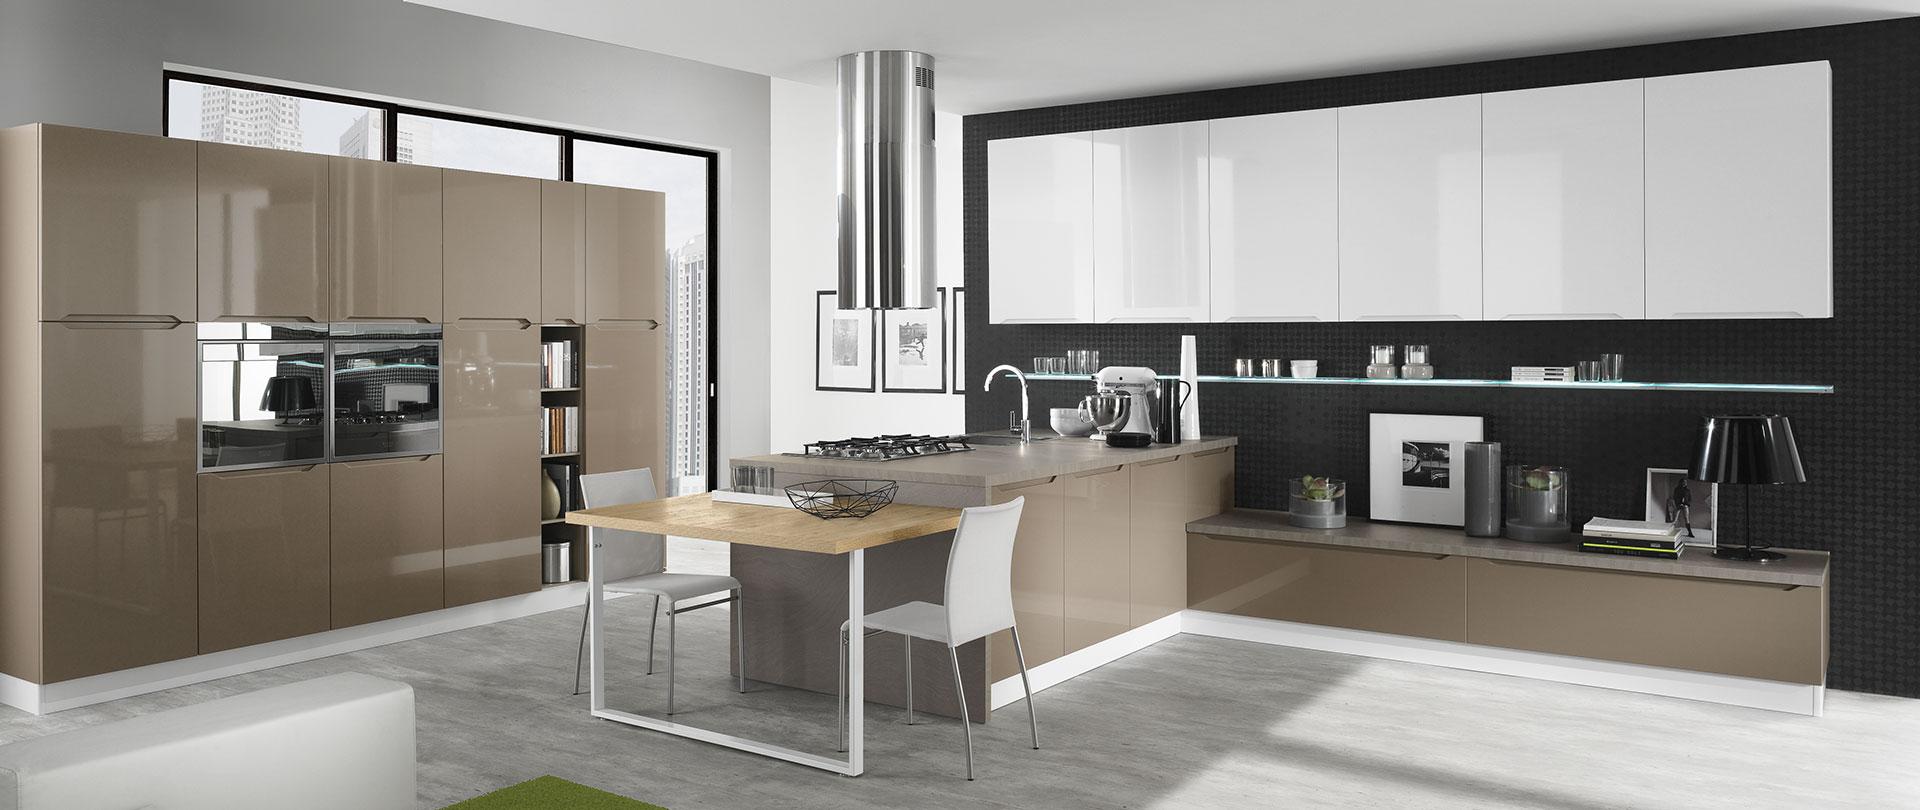 Cucine con maniglie integrate carima evo cucine - Cucina bianca e tortora ...